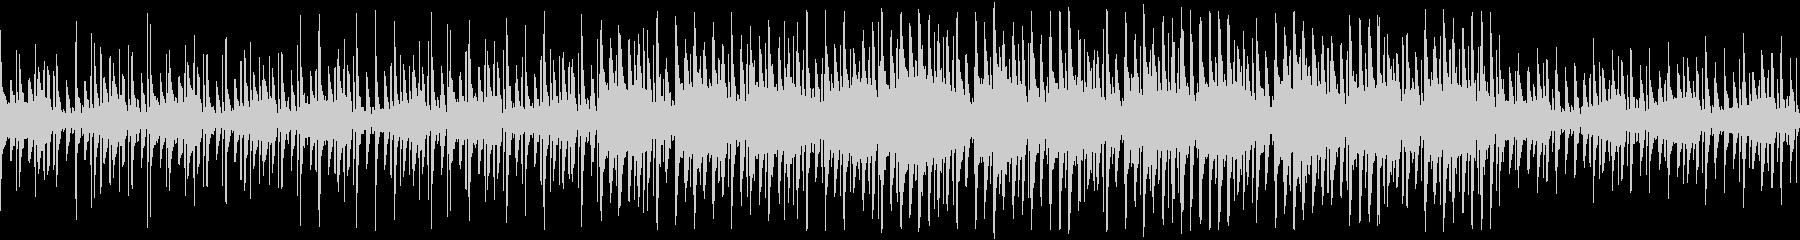 悲しげのある洞窟イメージのチップチューンの未再生の波形